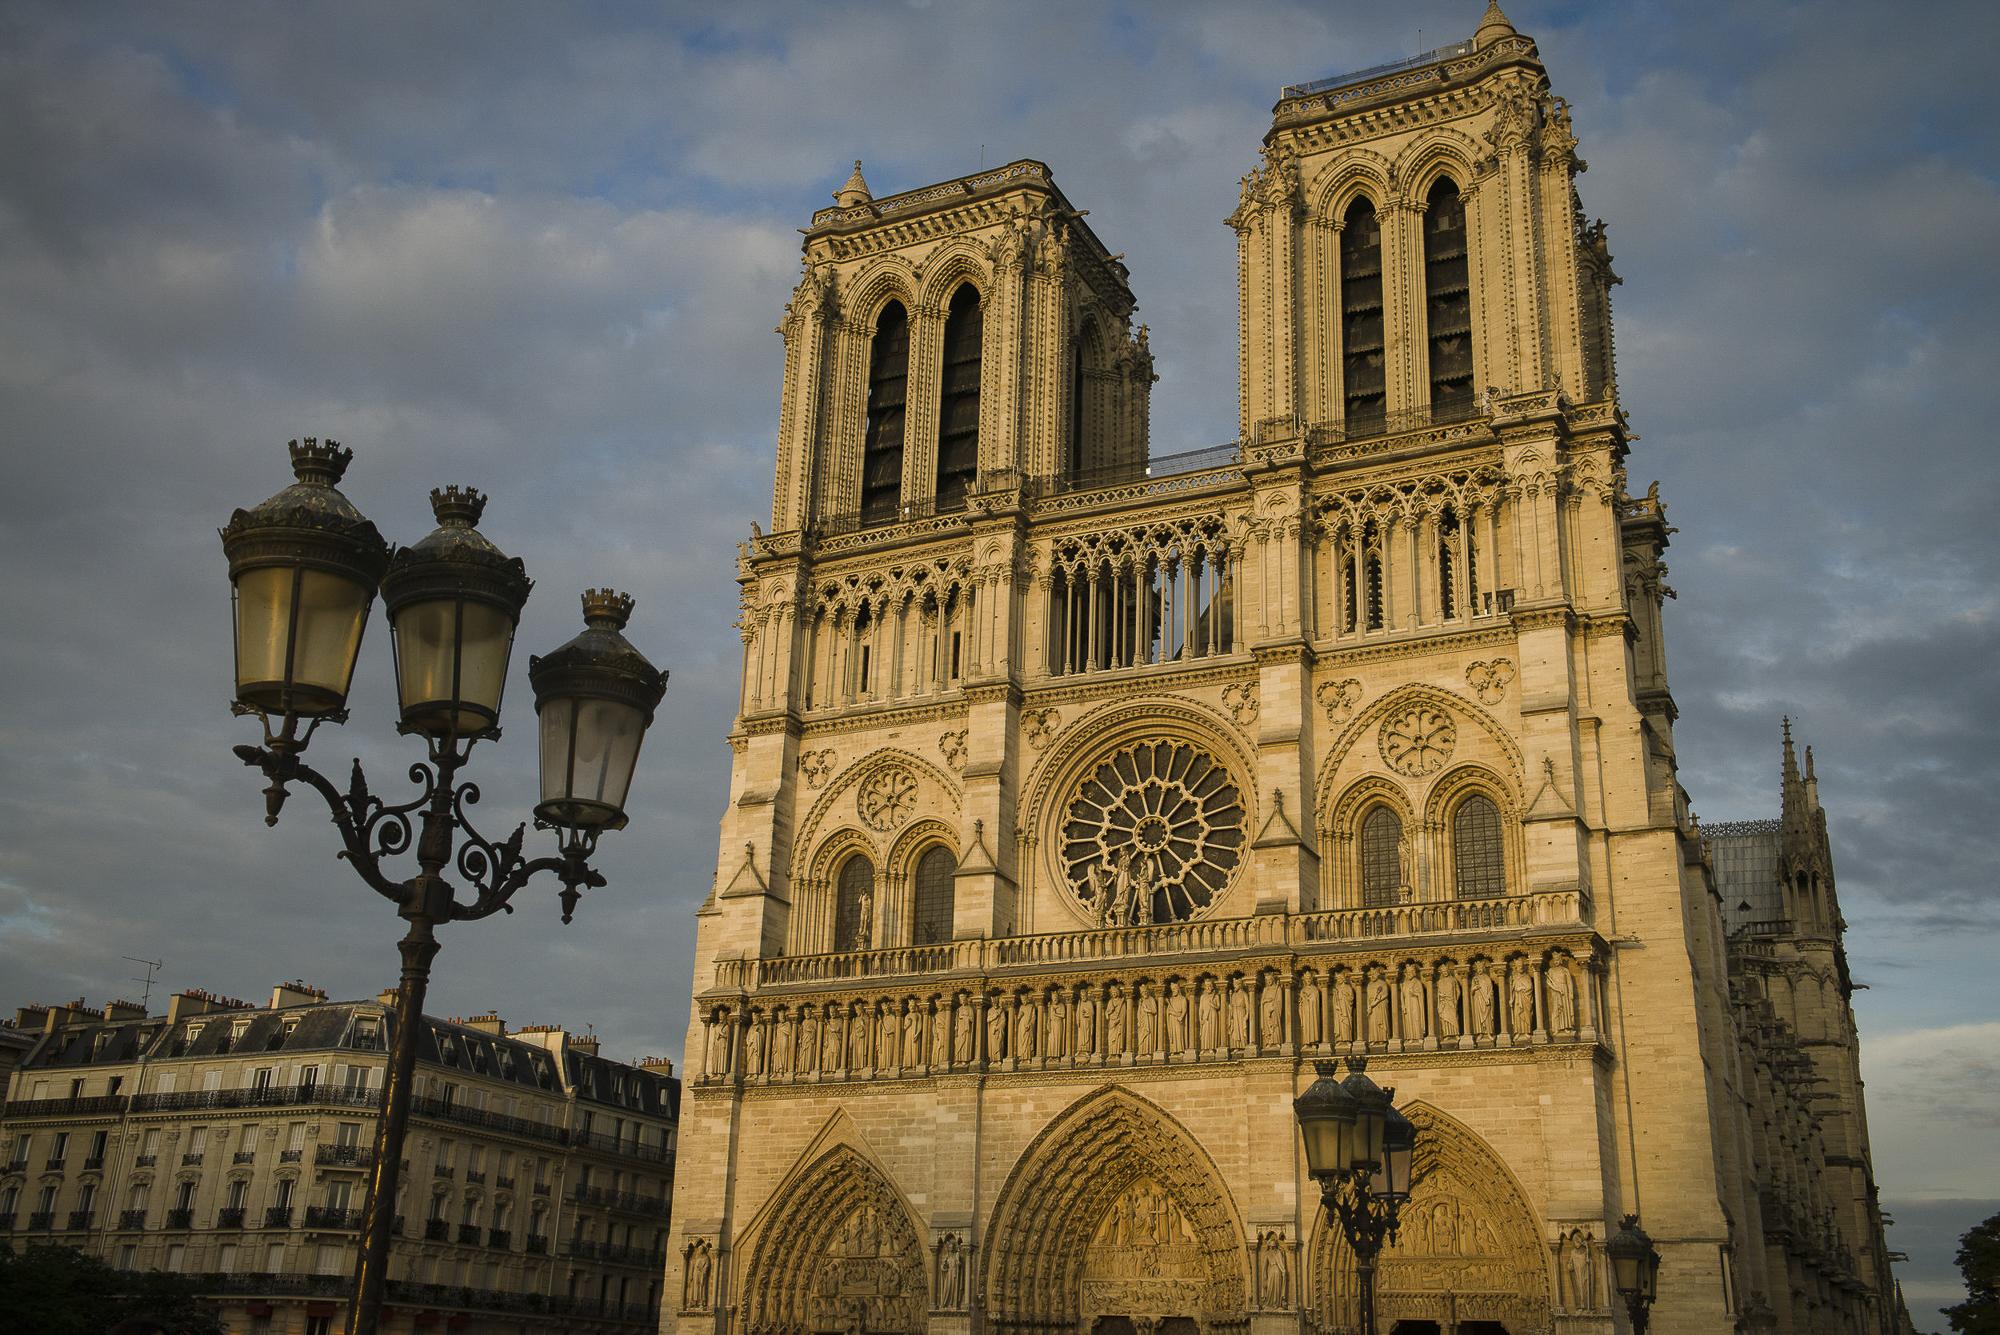 paris-extended-photo-tour-006.jpg